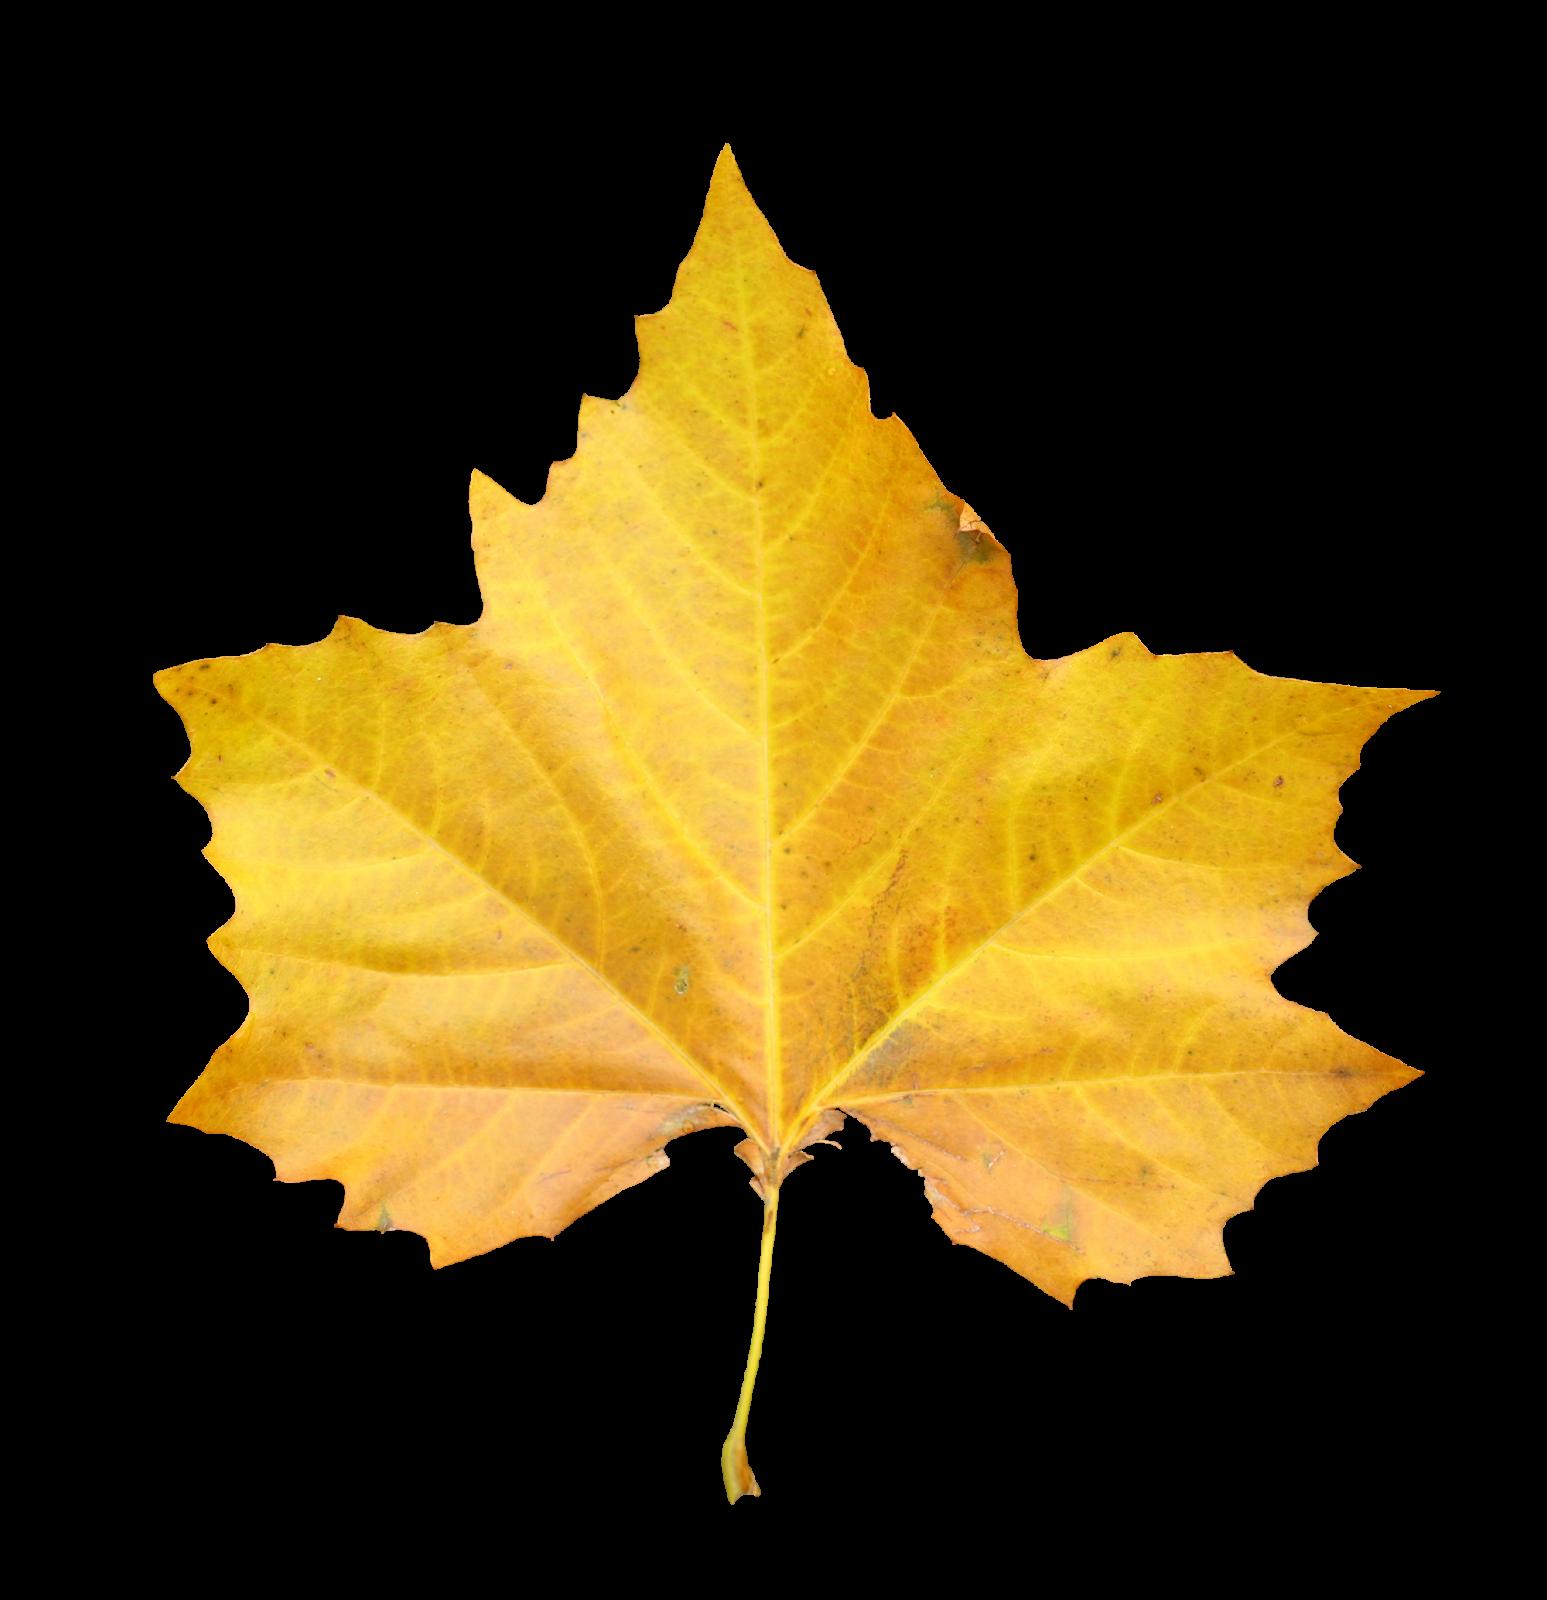 Смешные, желтые листья картинки на белом фоне